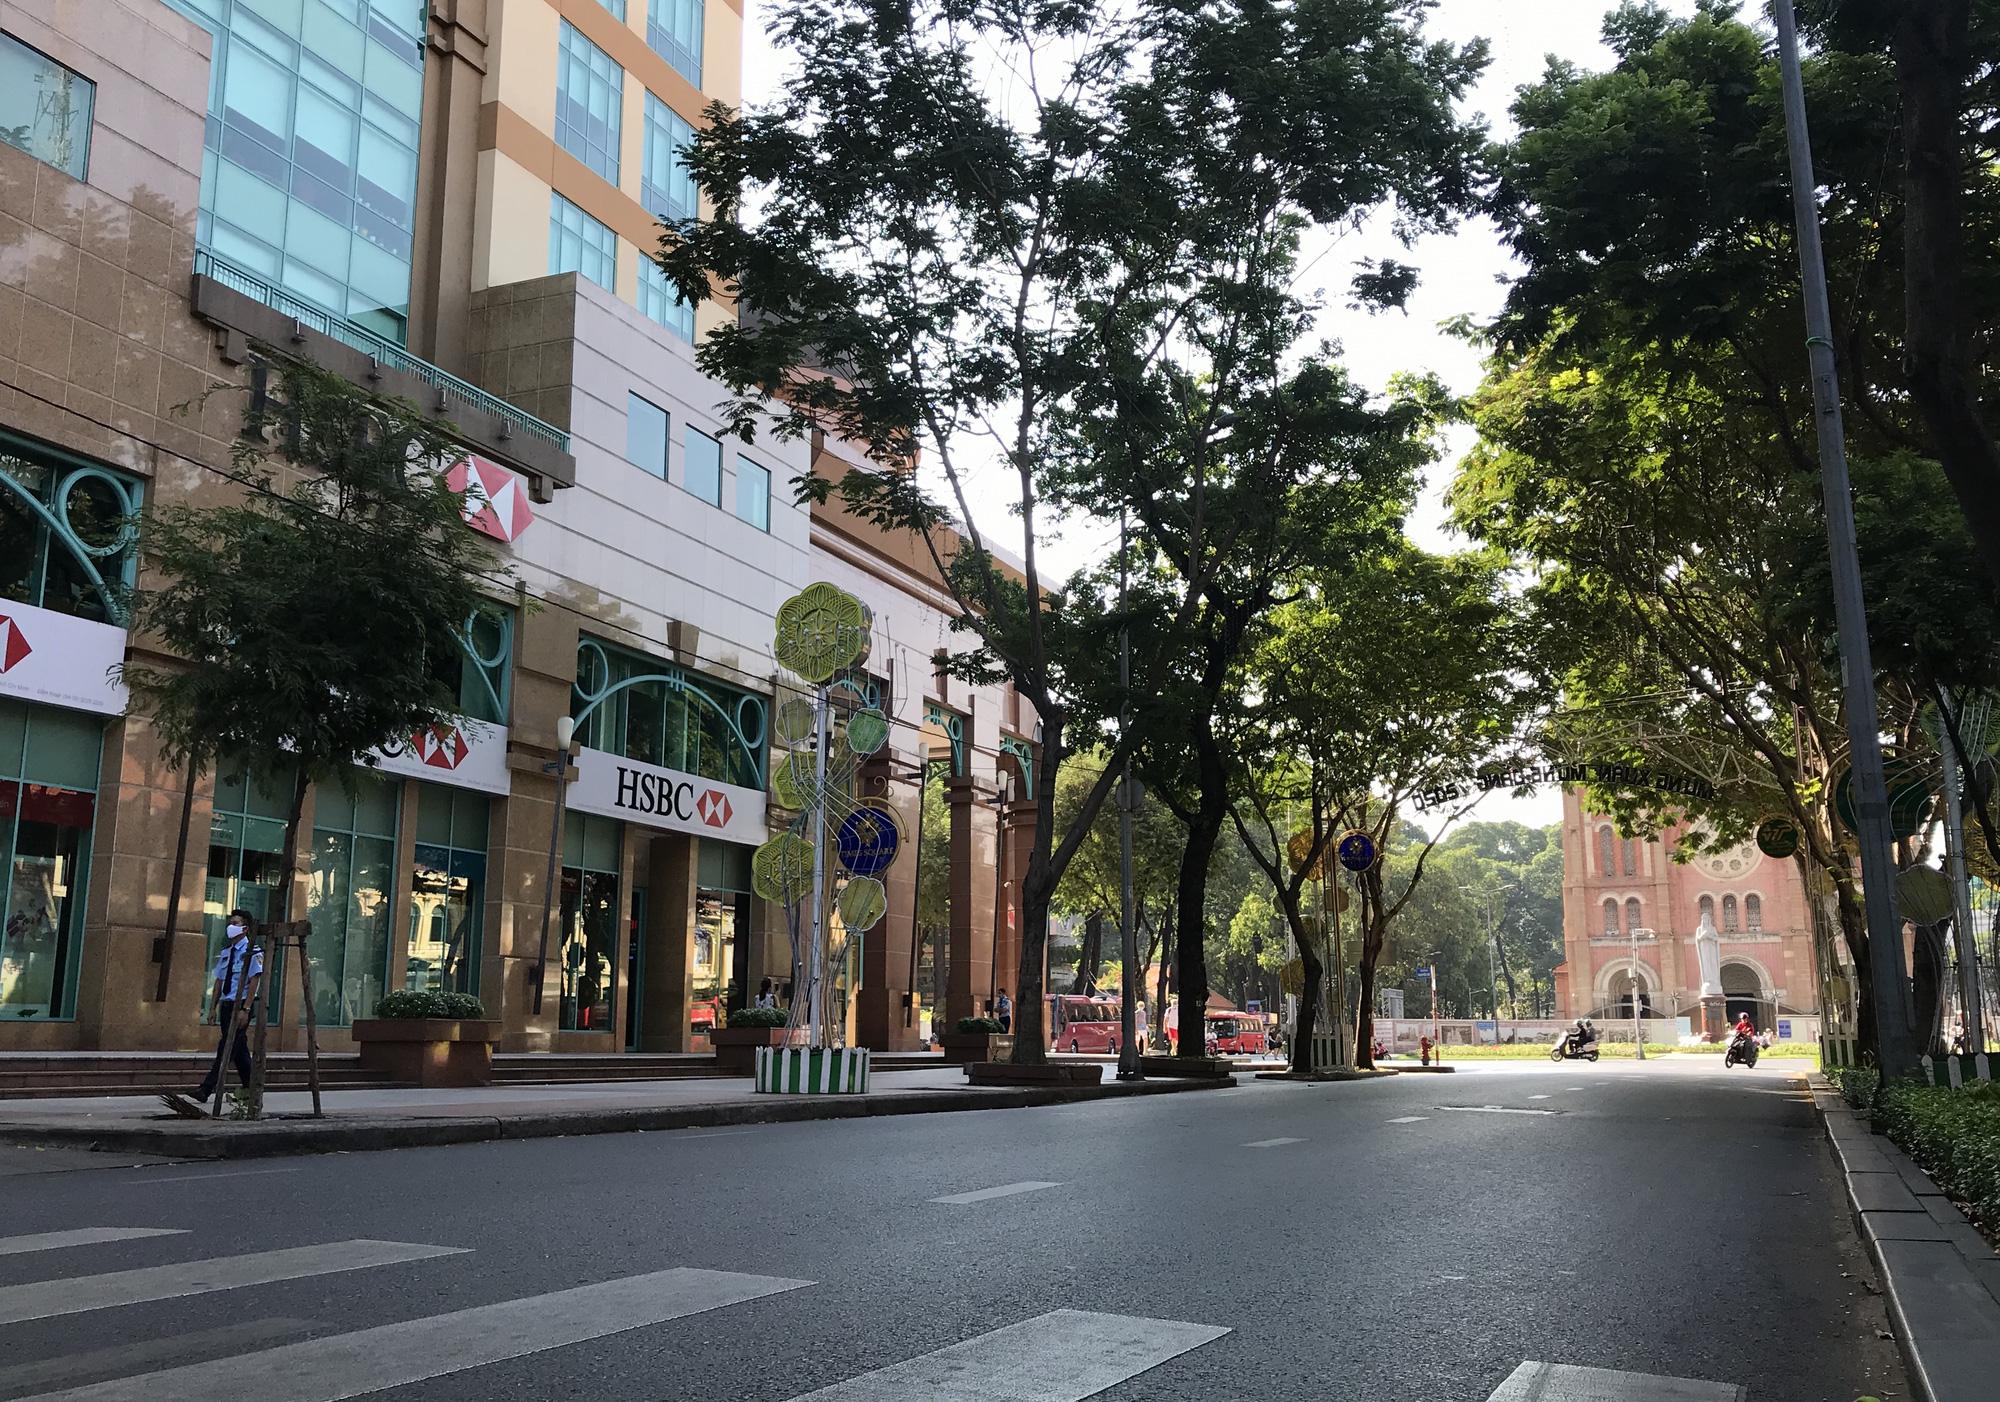 Liên tiếp xuất hiện ca nhiễm Covid-19, đường Sài Gòn vắng tanh, Vincom Đồng Khởi không một bóng người - Ảnh 3.